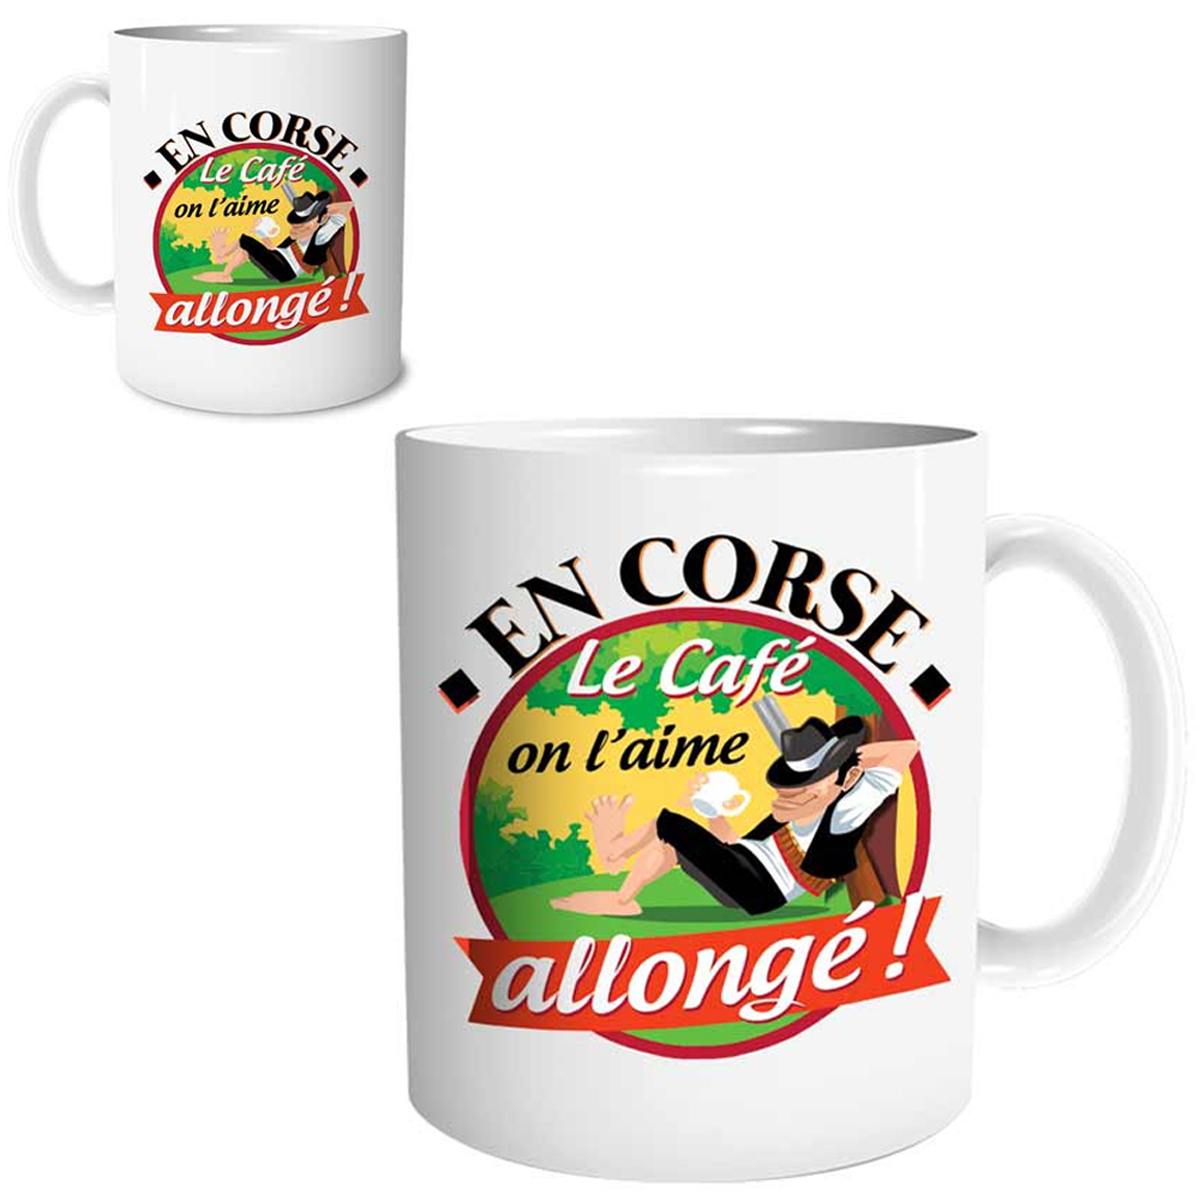 Mug céramique \'Corse\' (En Corse, le café on l\'aime allongé ! ) - 95x80 mm - [R1641]